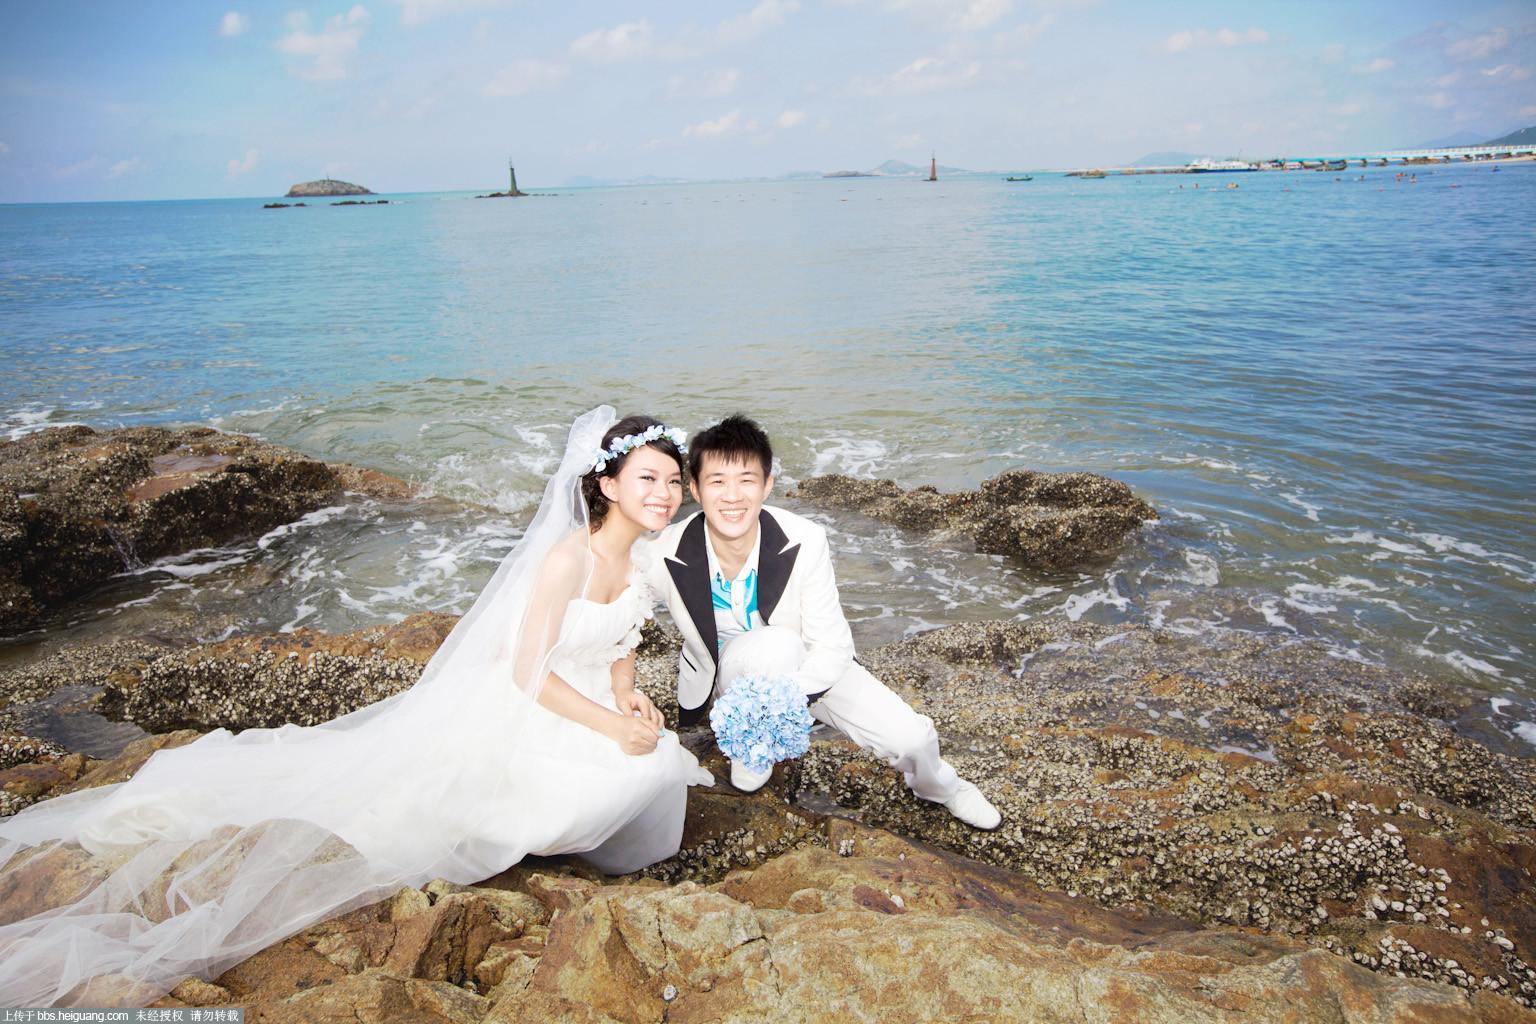 阳光海滩婚纱摄影